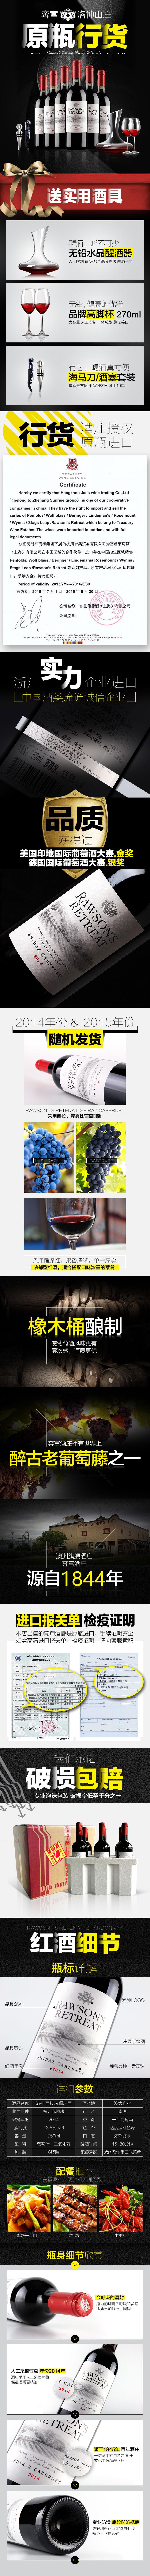 红酒食品酒水详情页